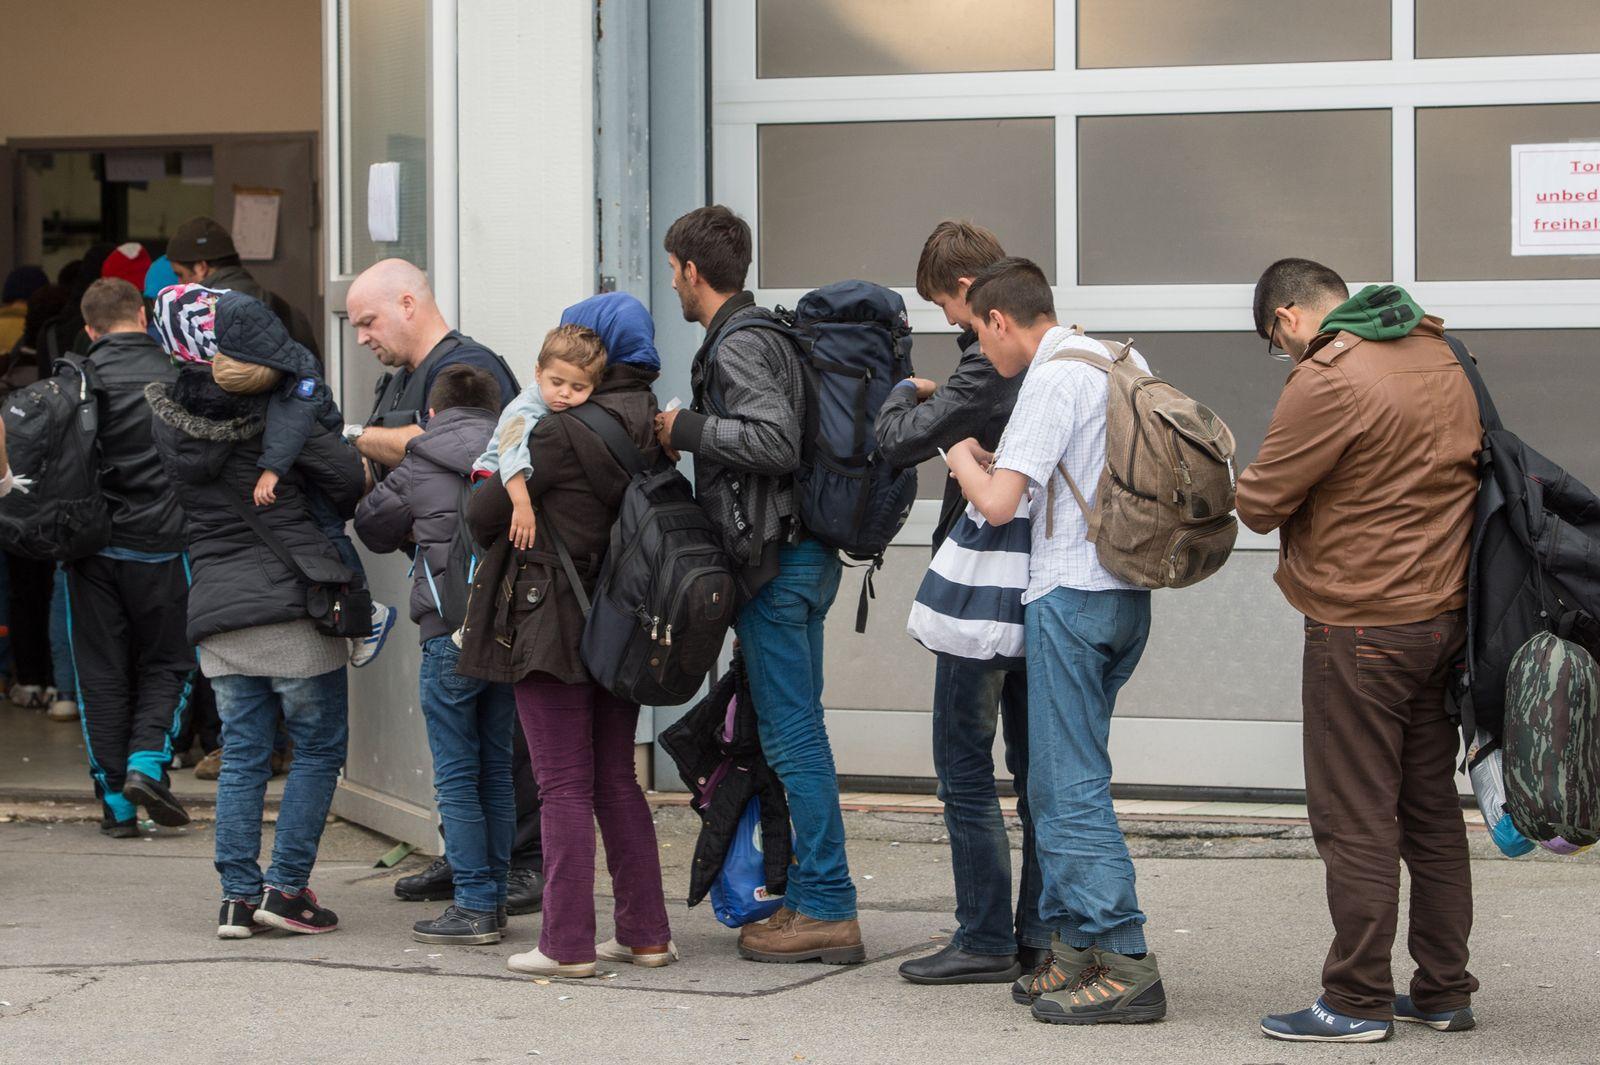 Erstregistrierungsstelle für Flüchtlinge in Passau